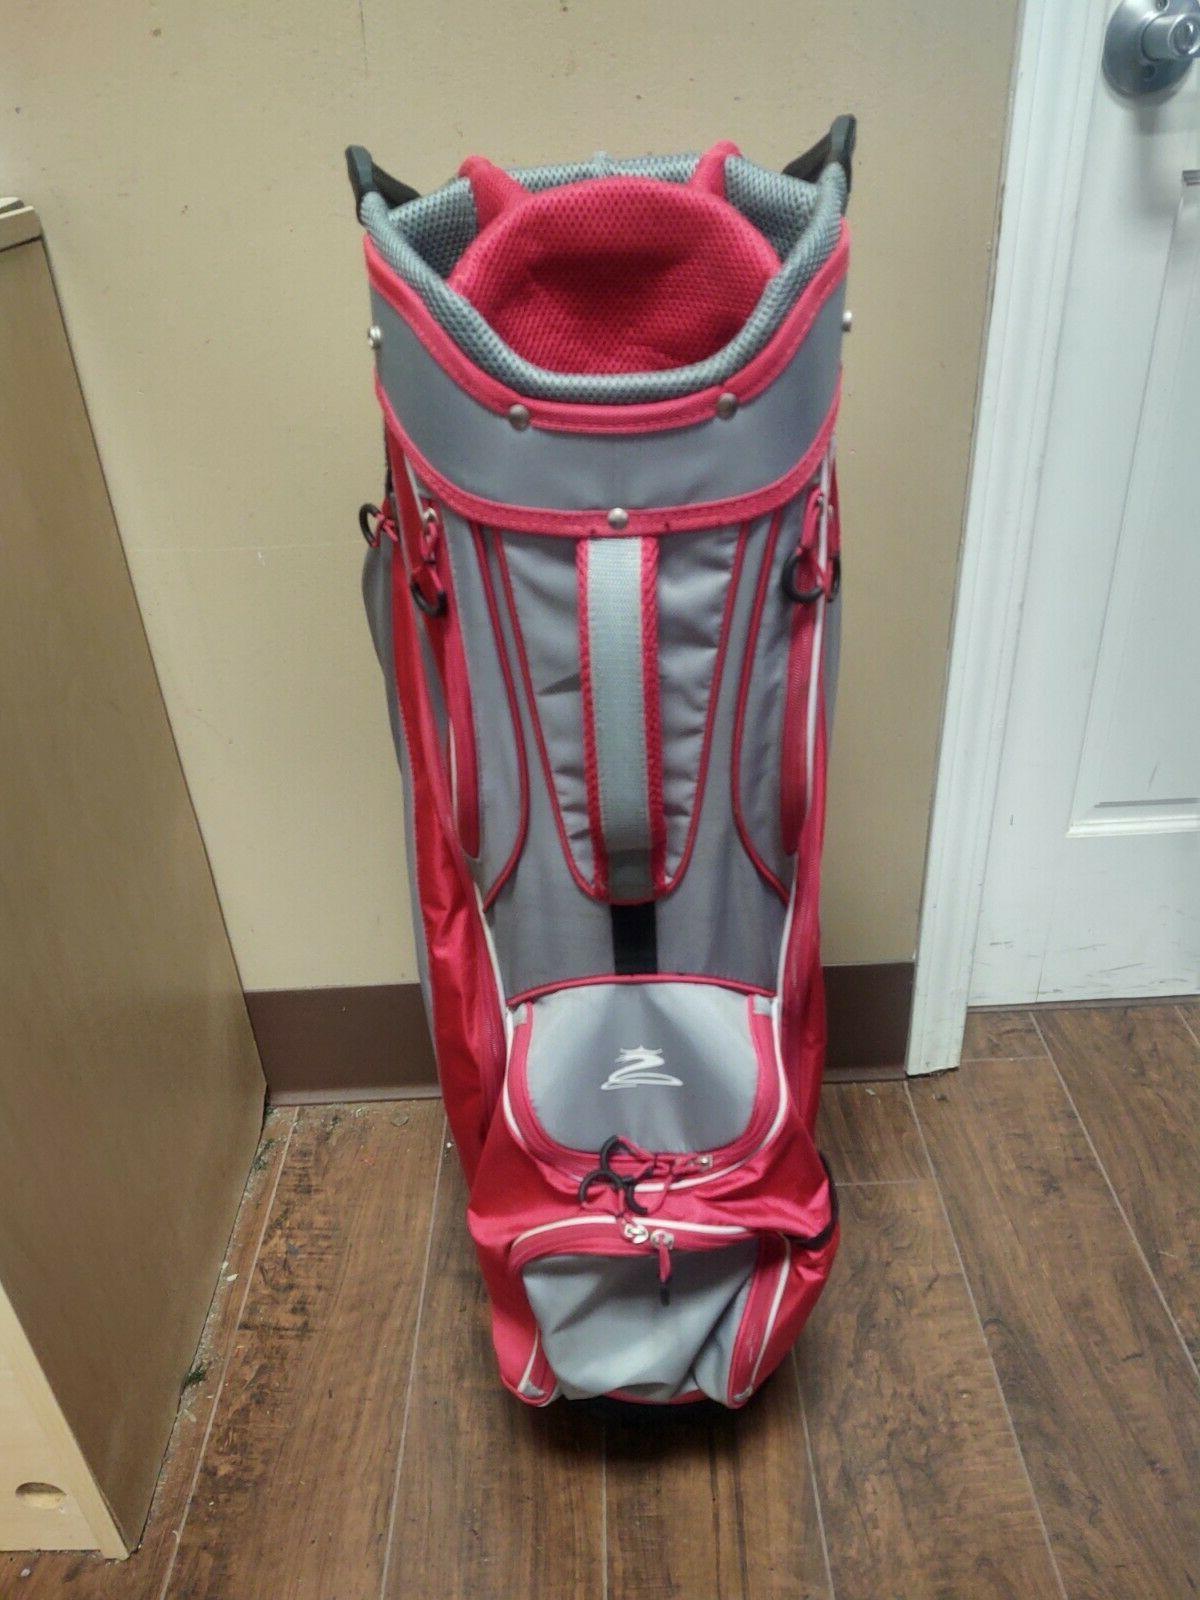 fly zs 14 divider cart golf bag